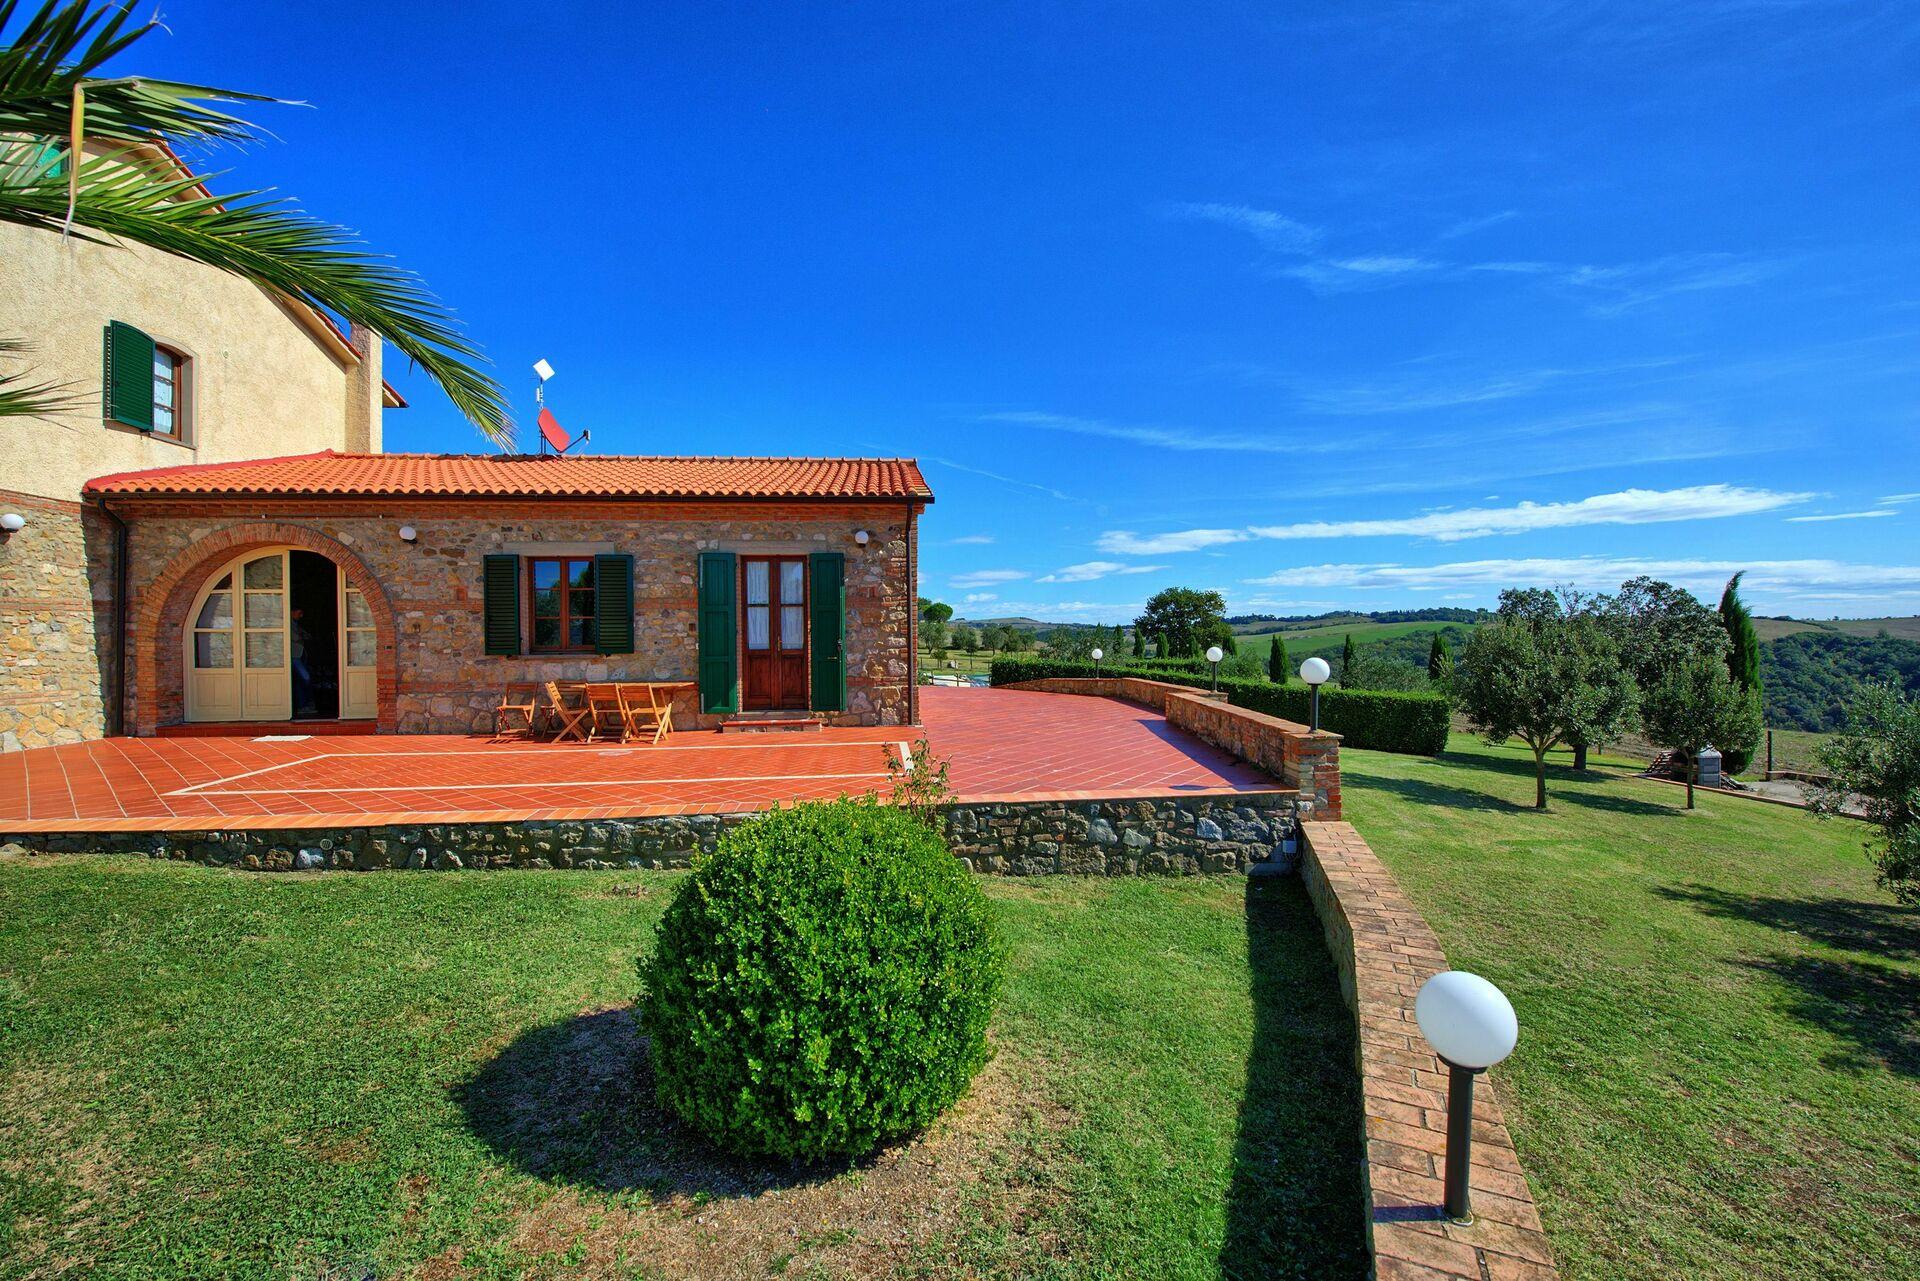 Vakantiehuis 7 Slaapkamers : Casale poggiarello vakantiehuis in pignano toscane voor